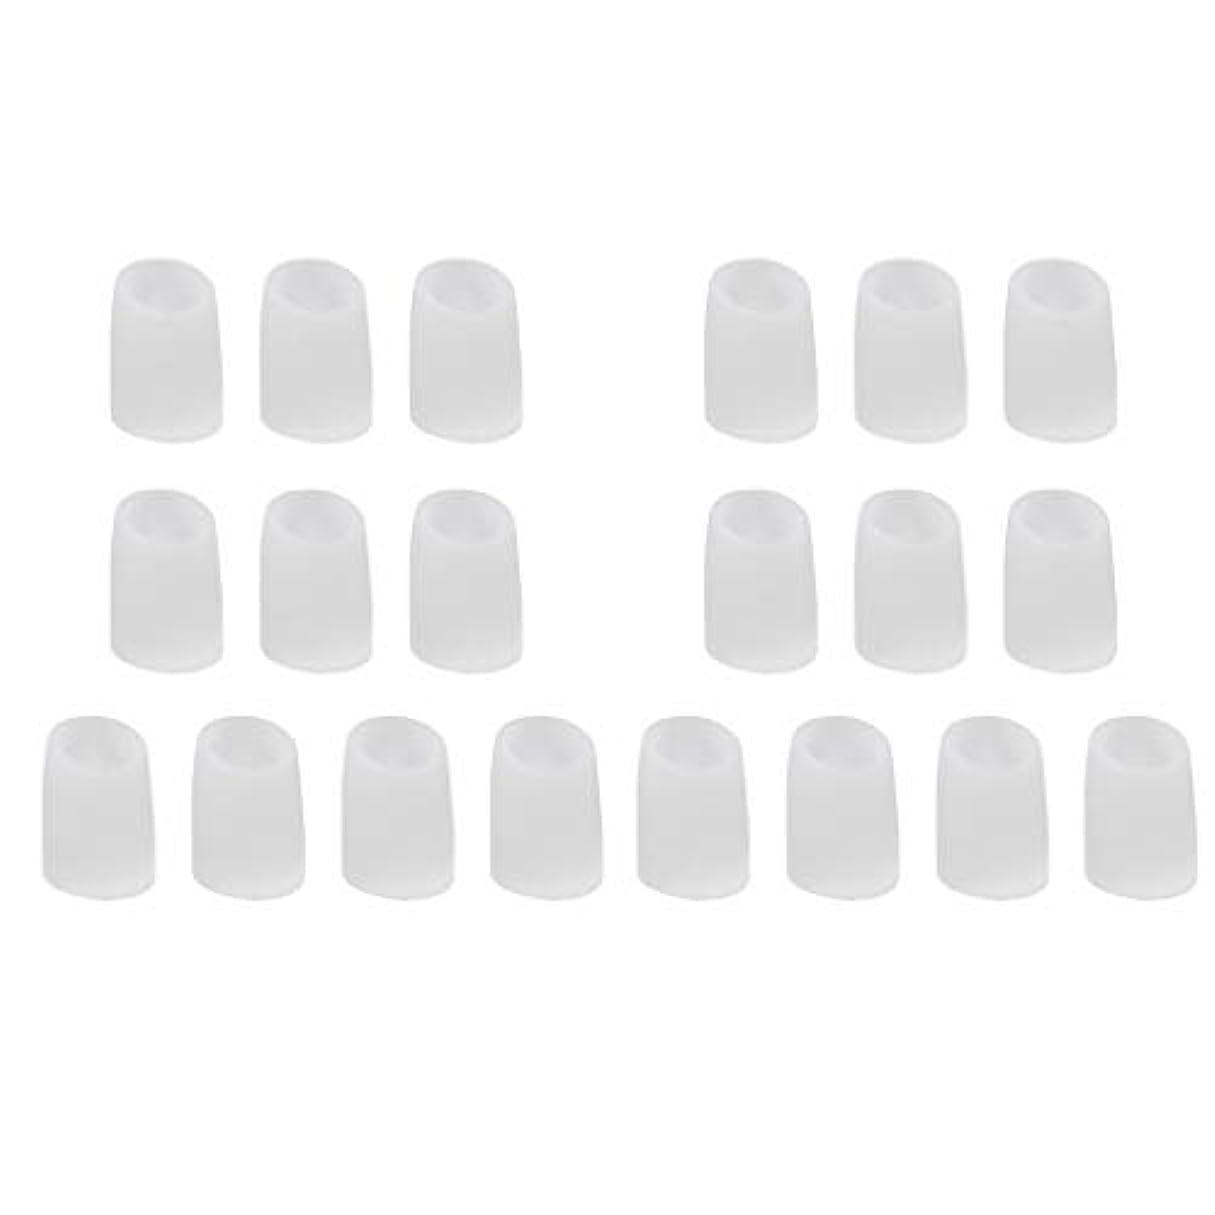 信仰余韻略奪足指保護キャップ つま先プロテクター つま先 キャップ シリカゲル 柔軟性 洗える 20個 全2サイズ - L